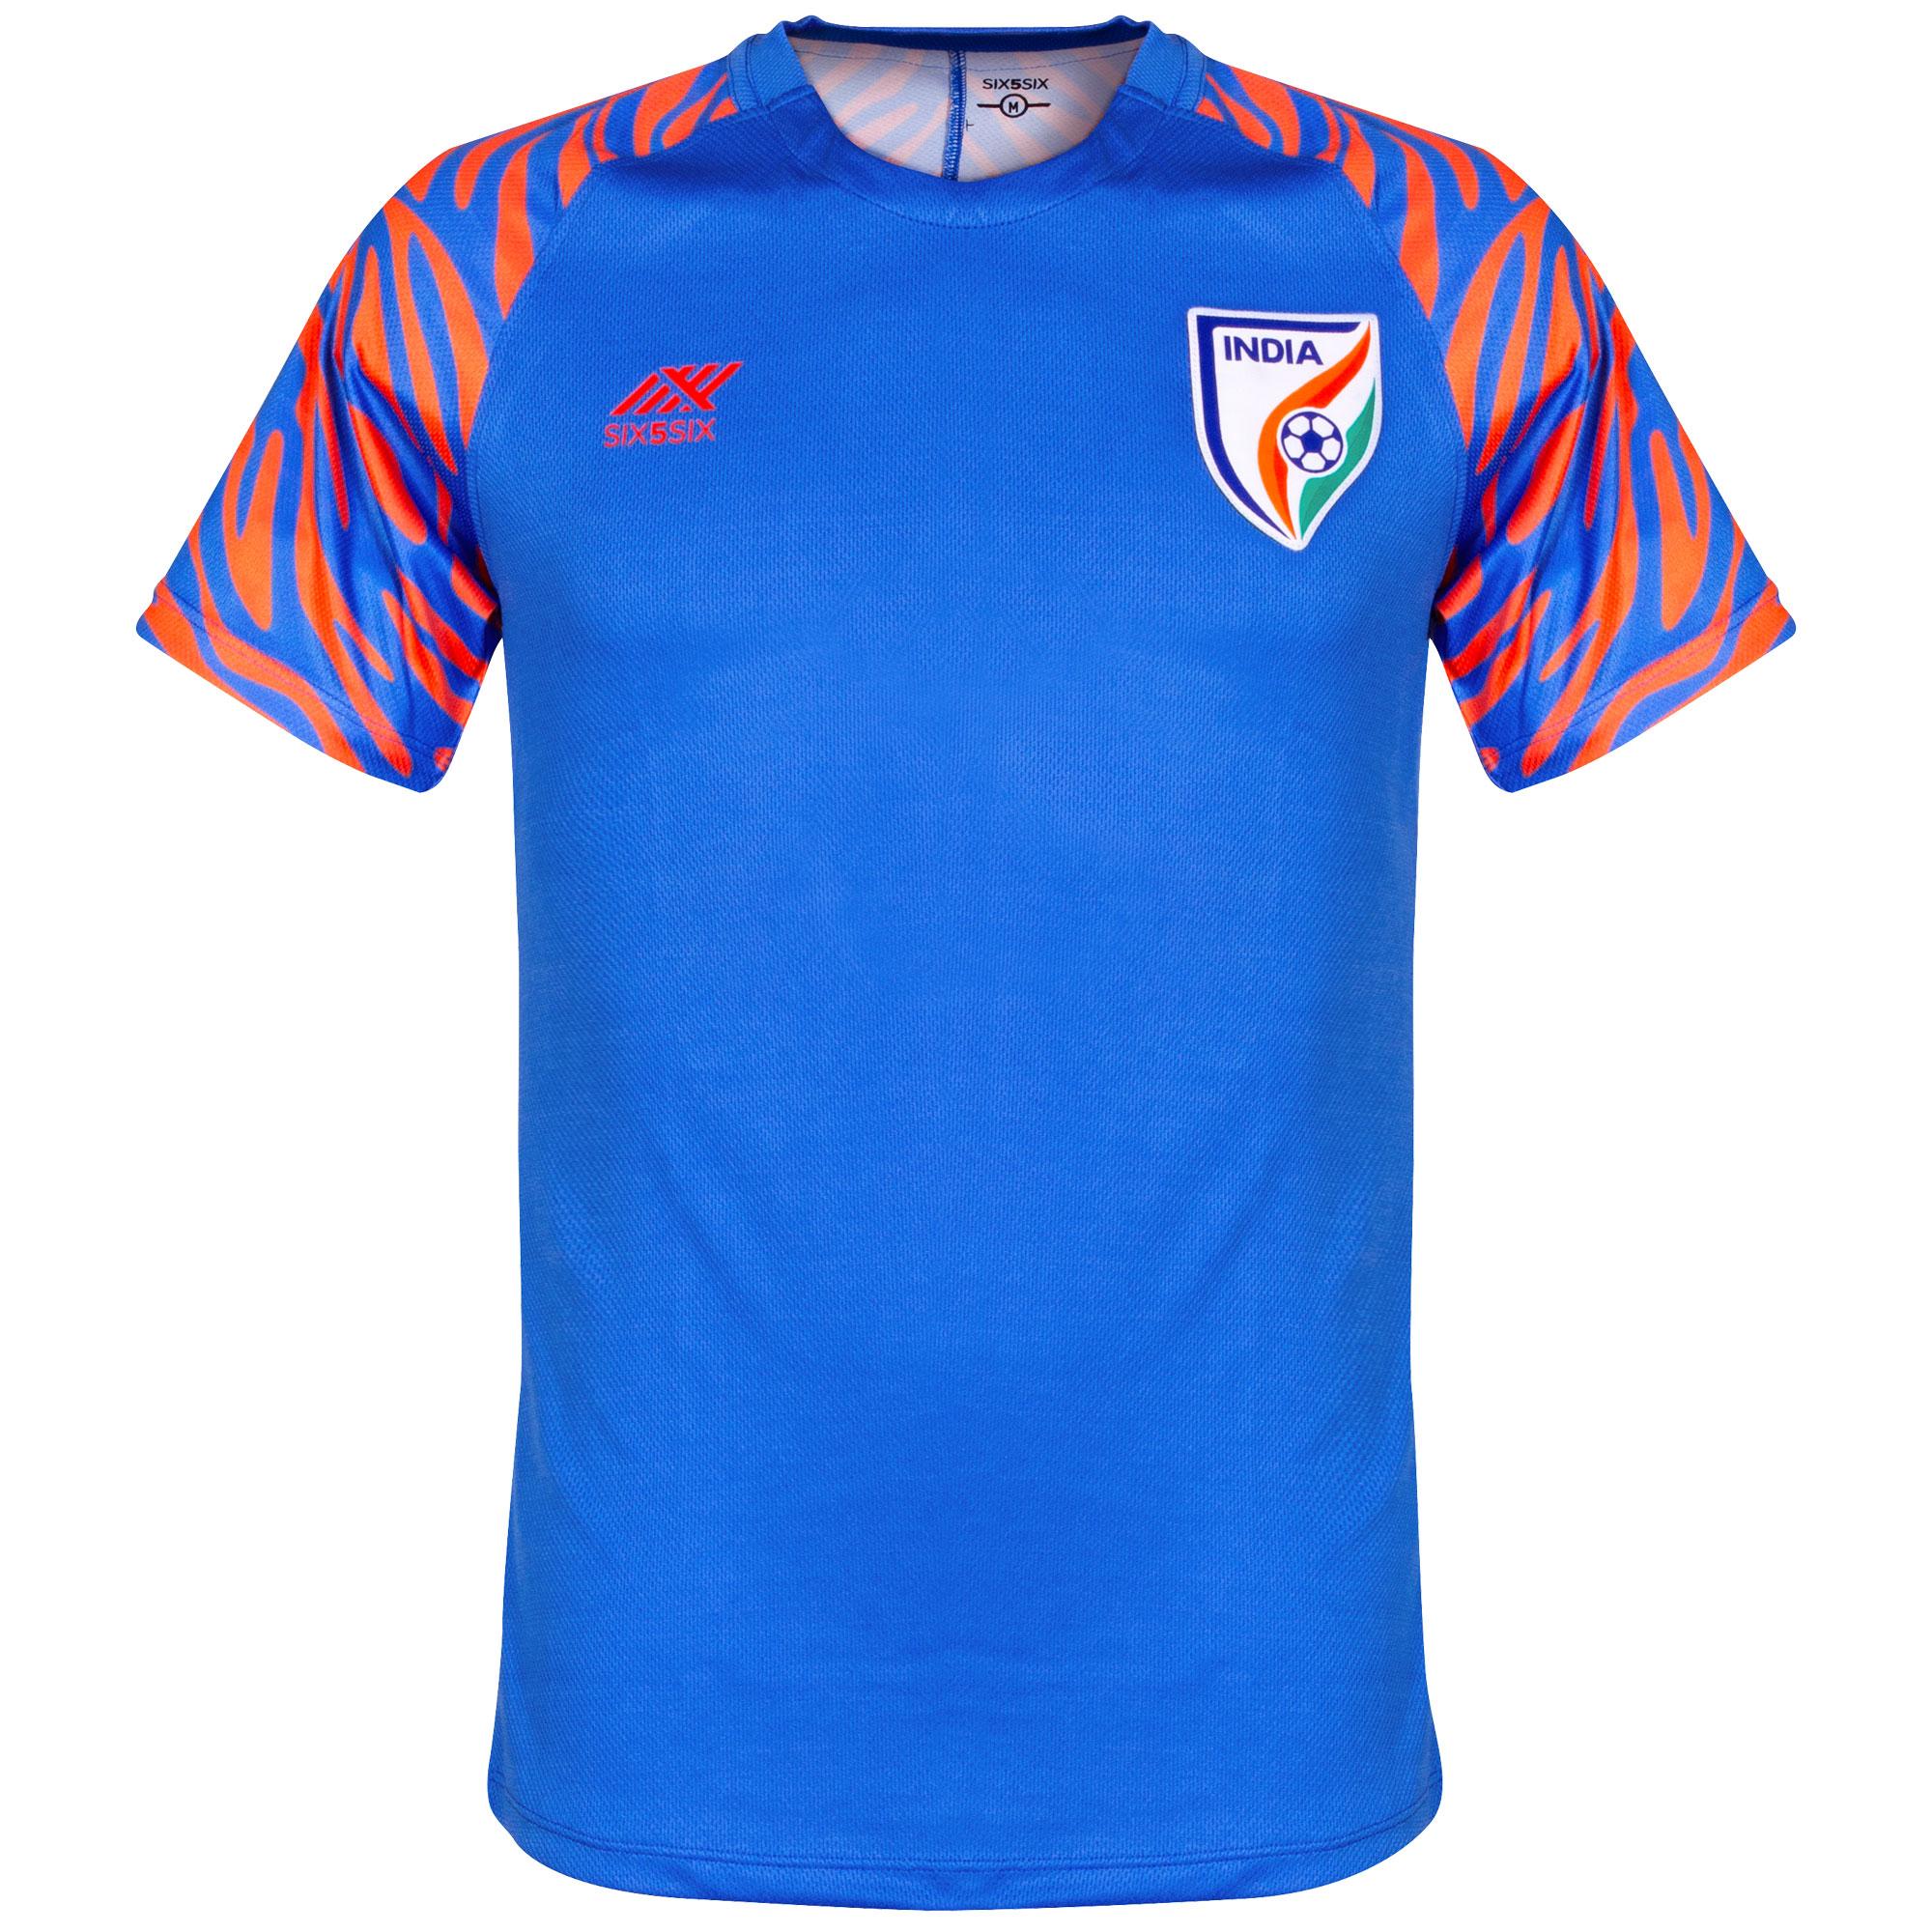 India Home Shirt 2019 2020 - EU-XL